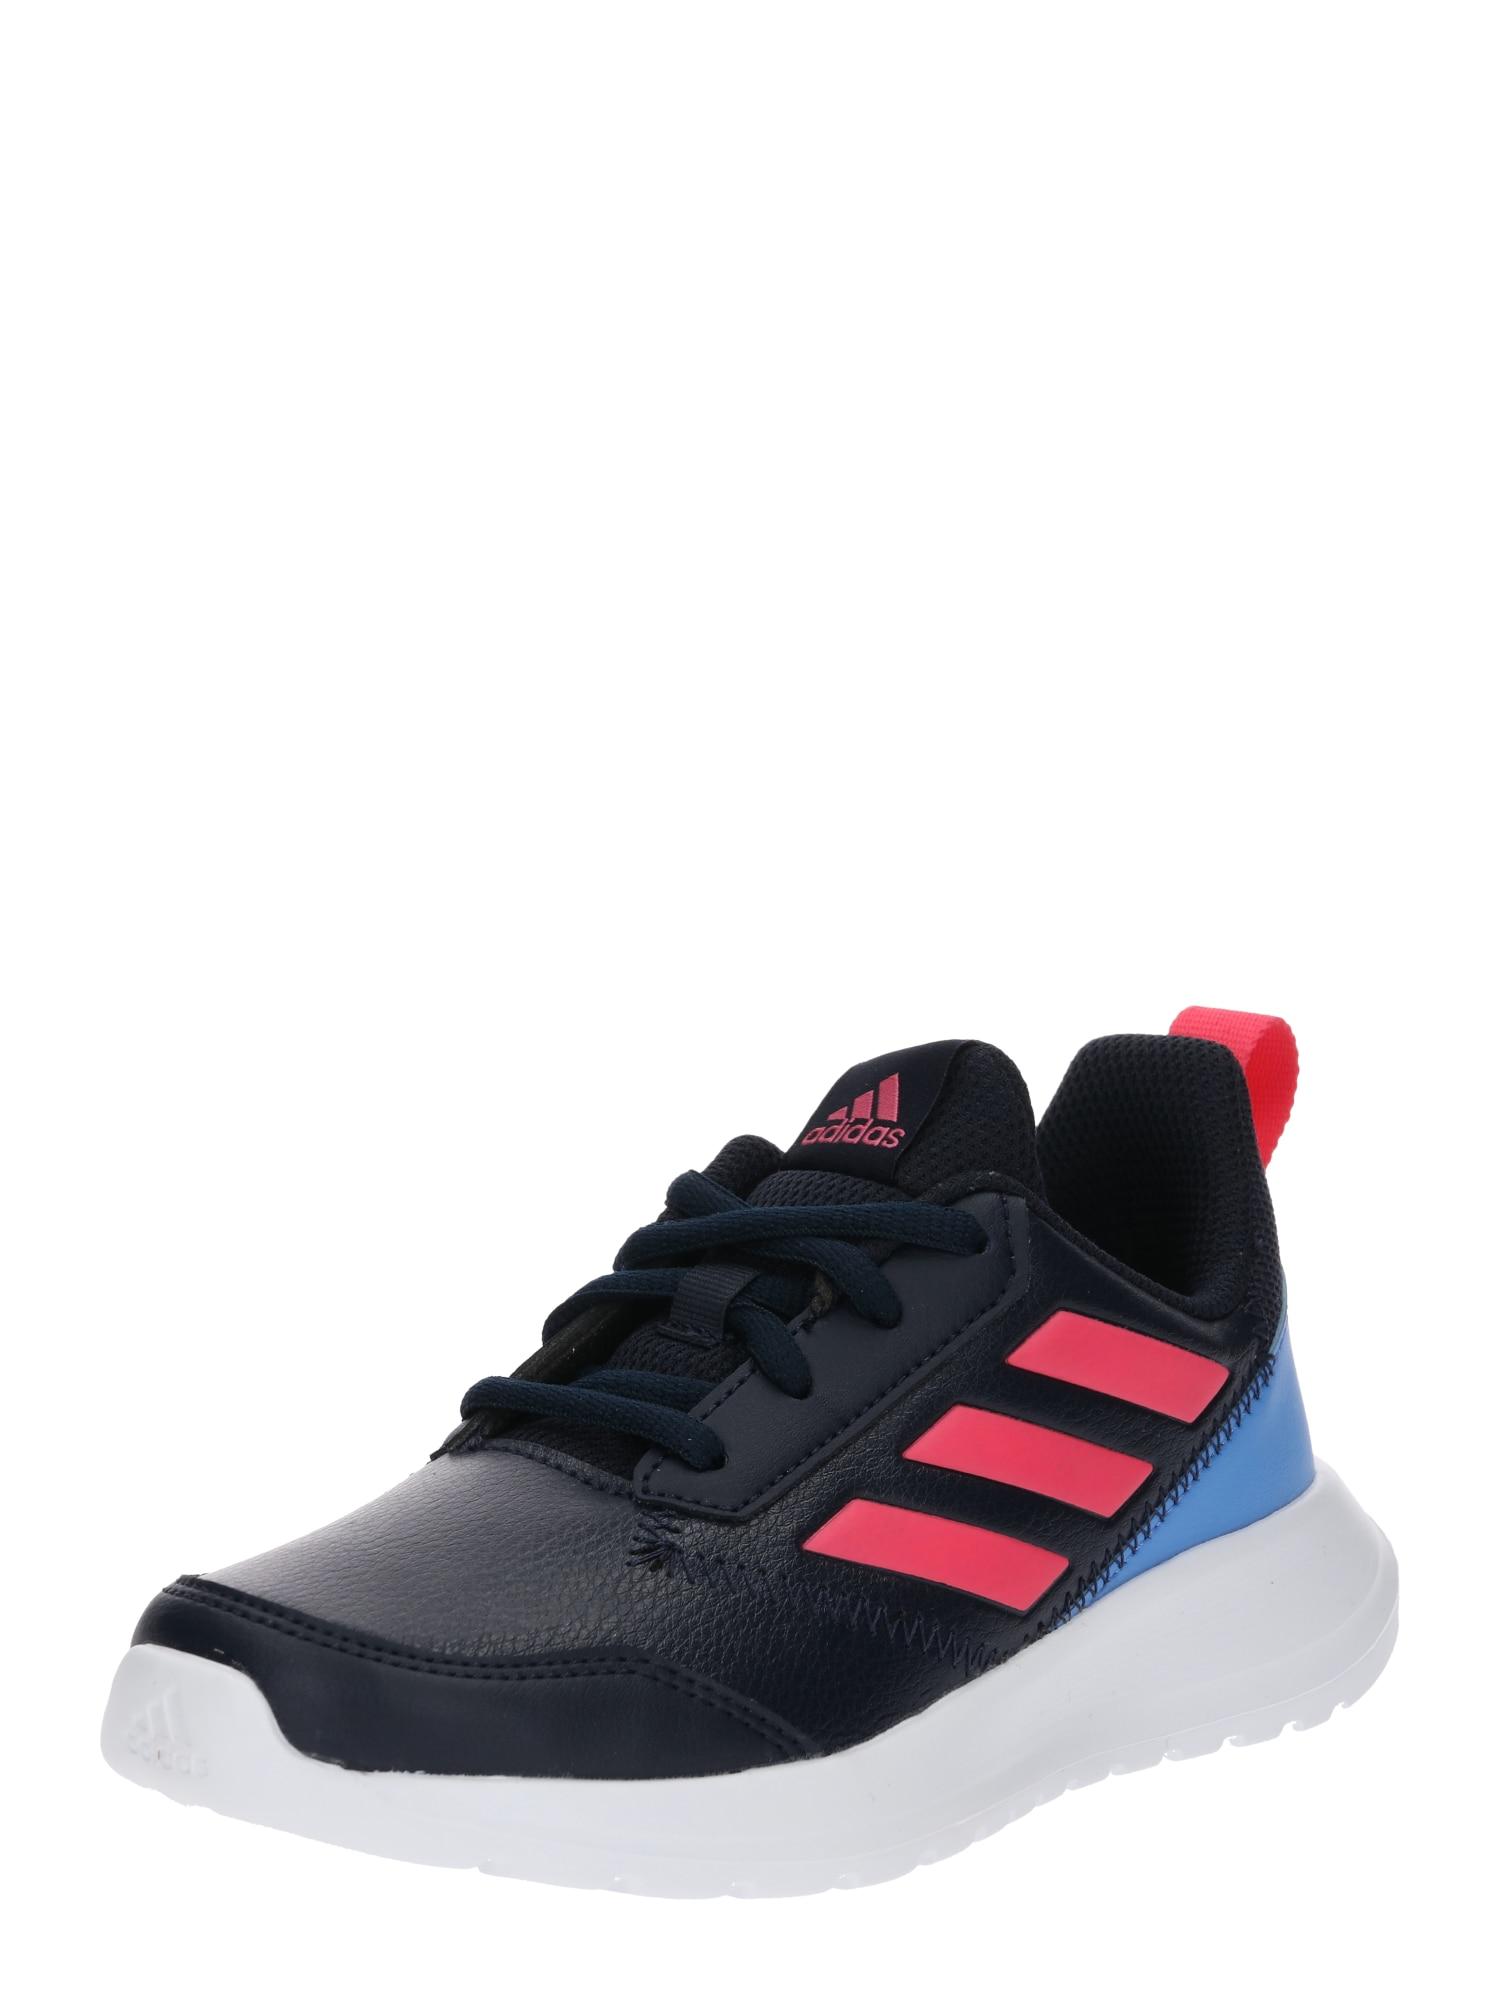 Sportovní boty AltaRun K černá ADIDAS PERFORMANCE